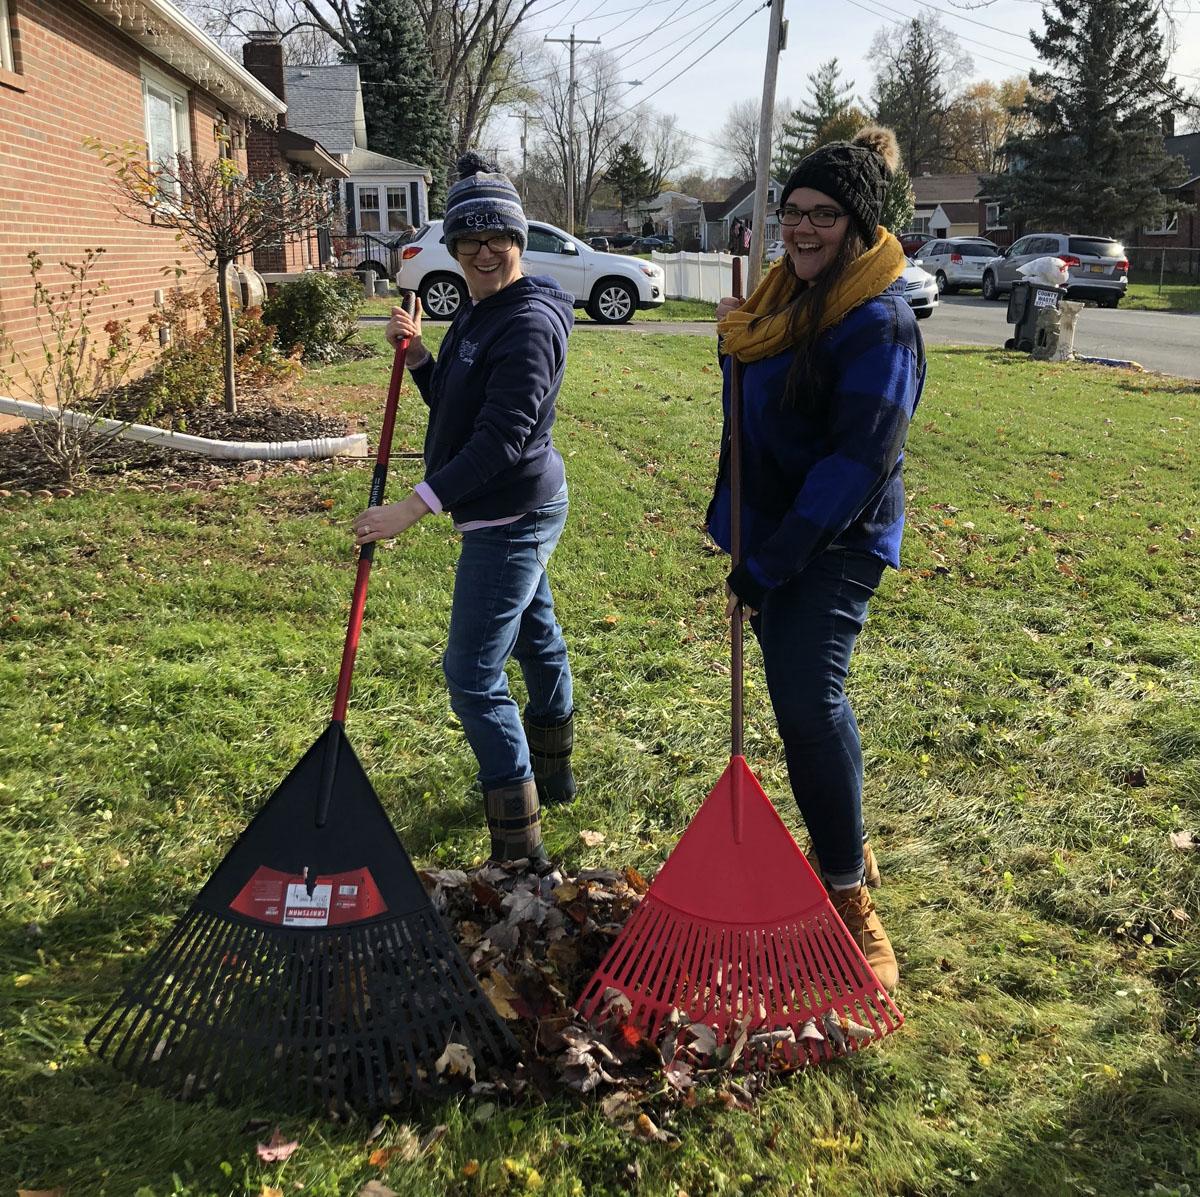 Teachers raking leaves